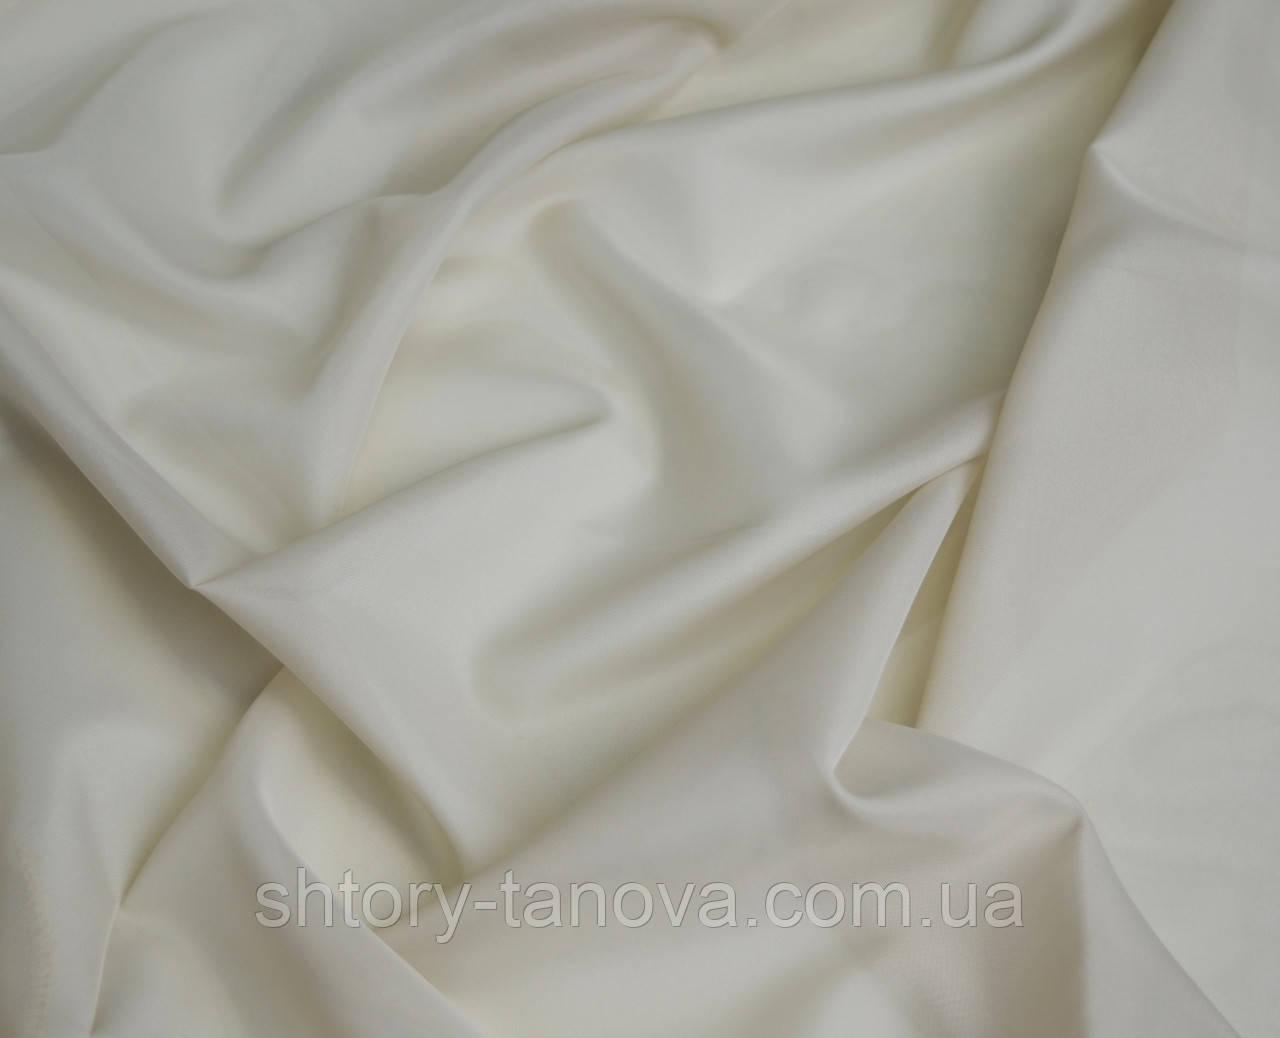 Купить ткань шелковая вуаль пластмассовый шар для рукоделия большой